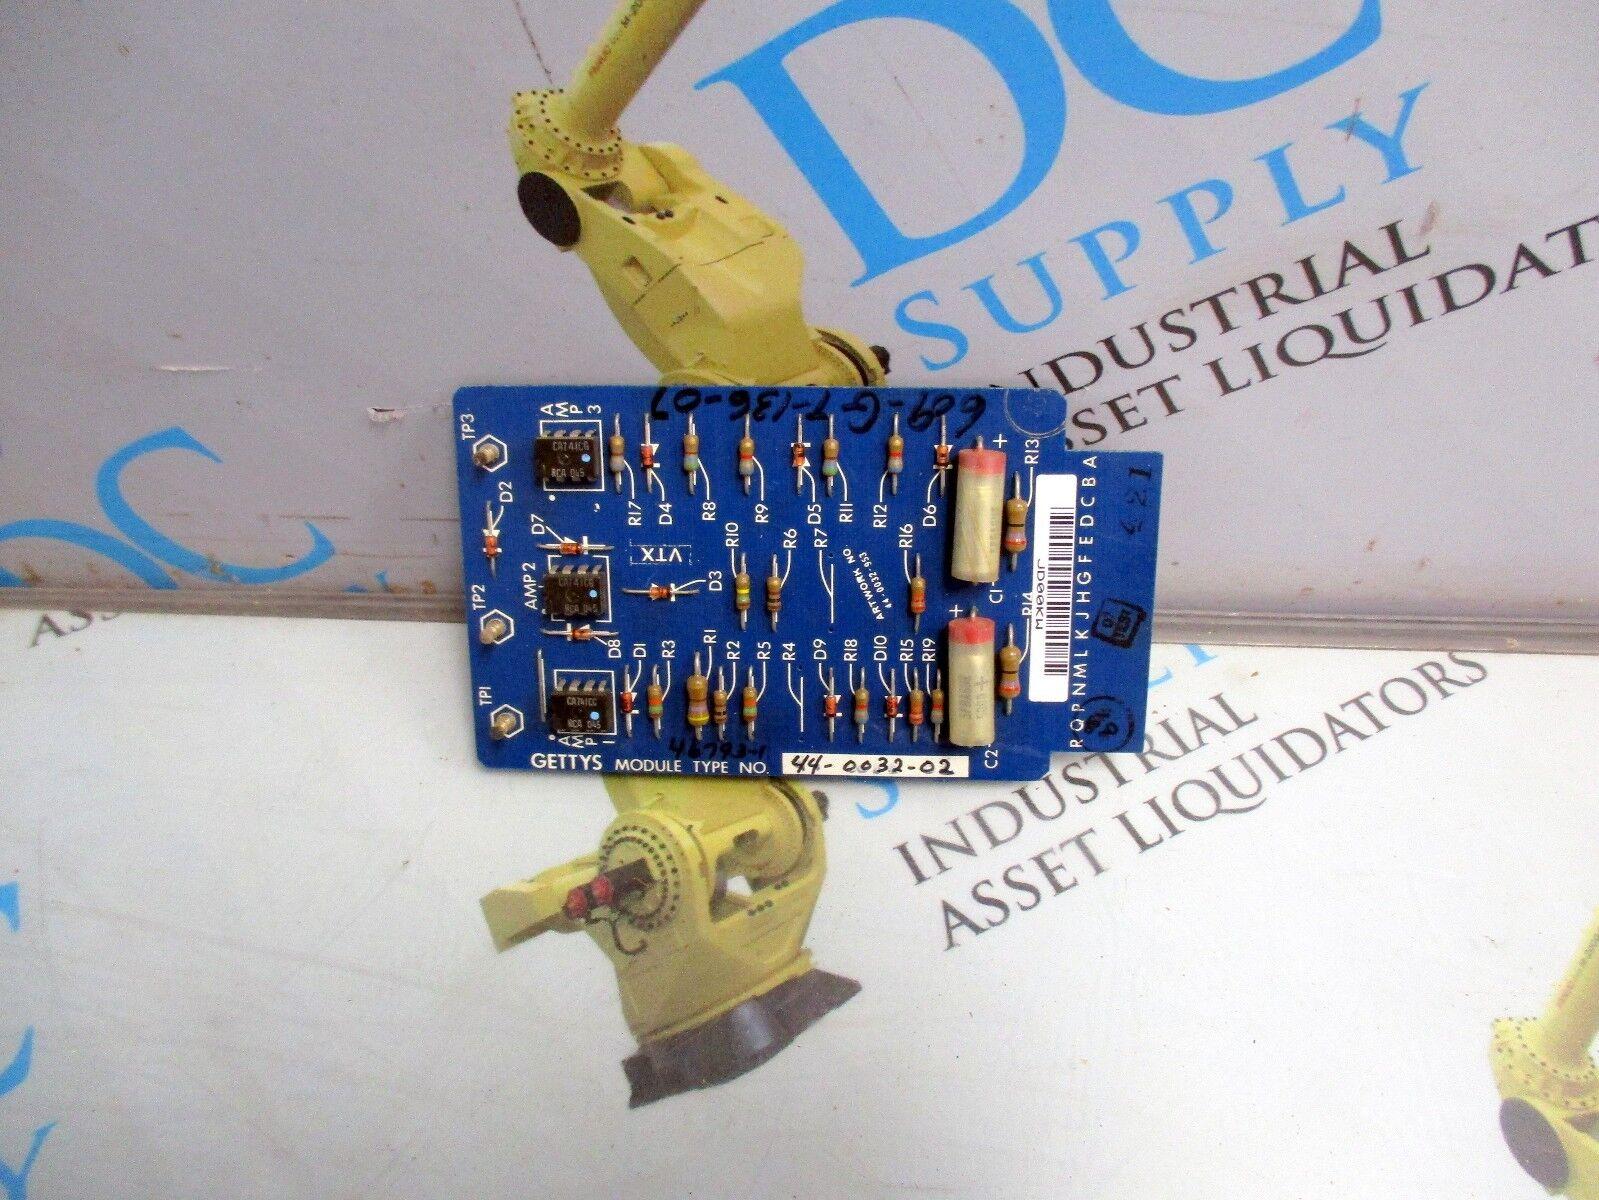 GETTYS 44-0032-02 CONTROL MODULE CIRCUIT BOARD